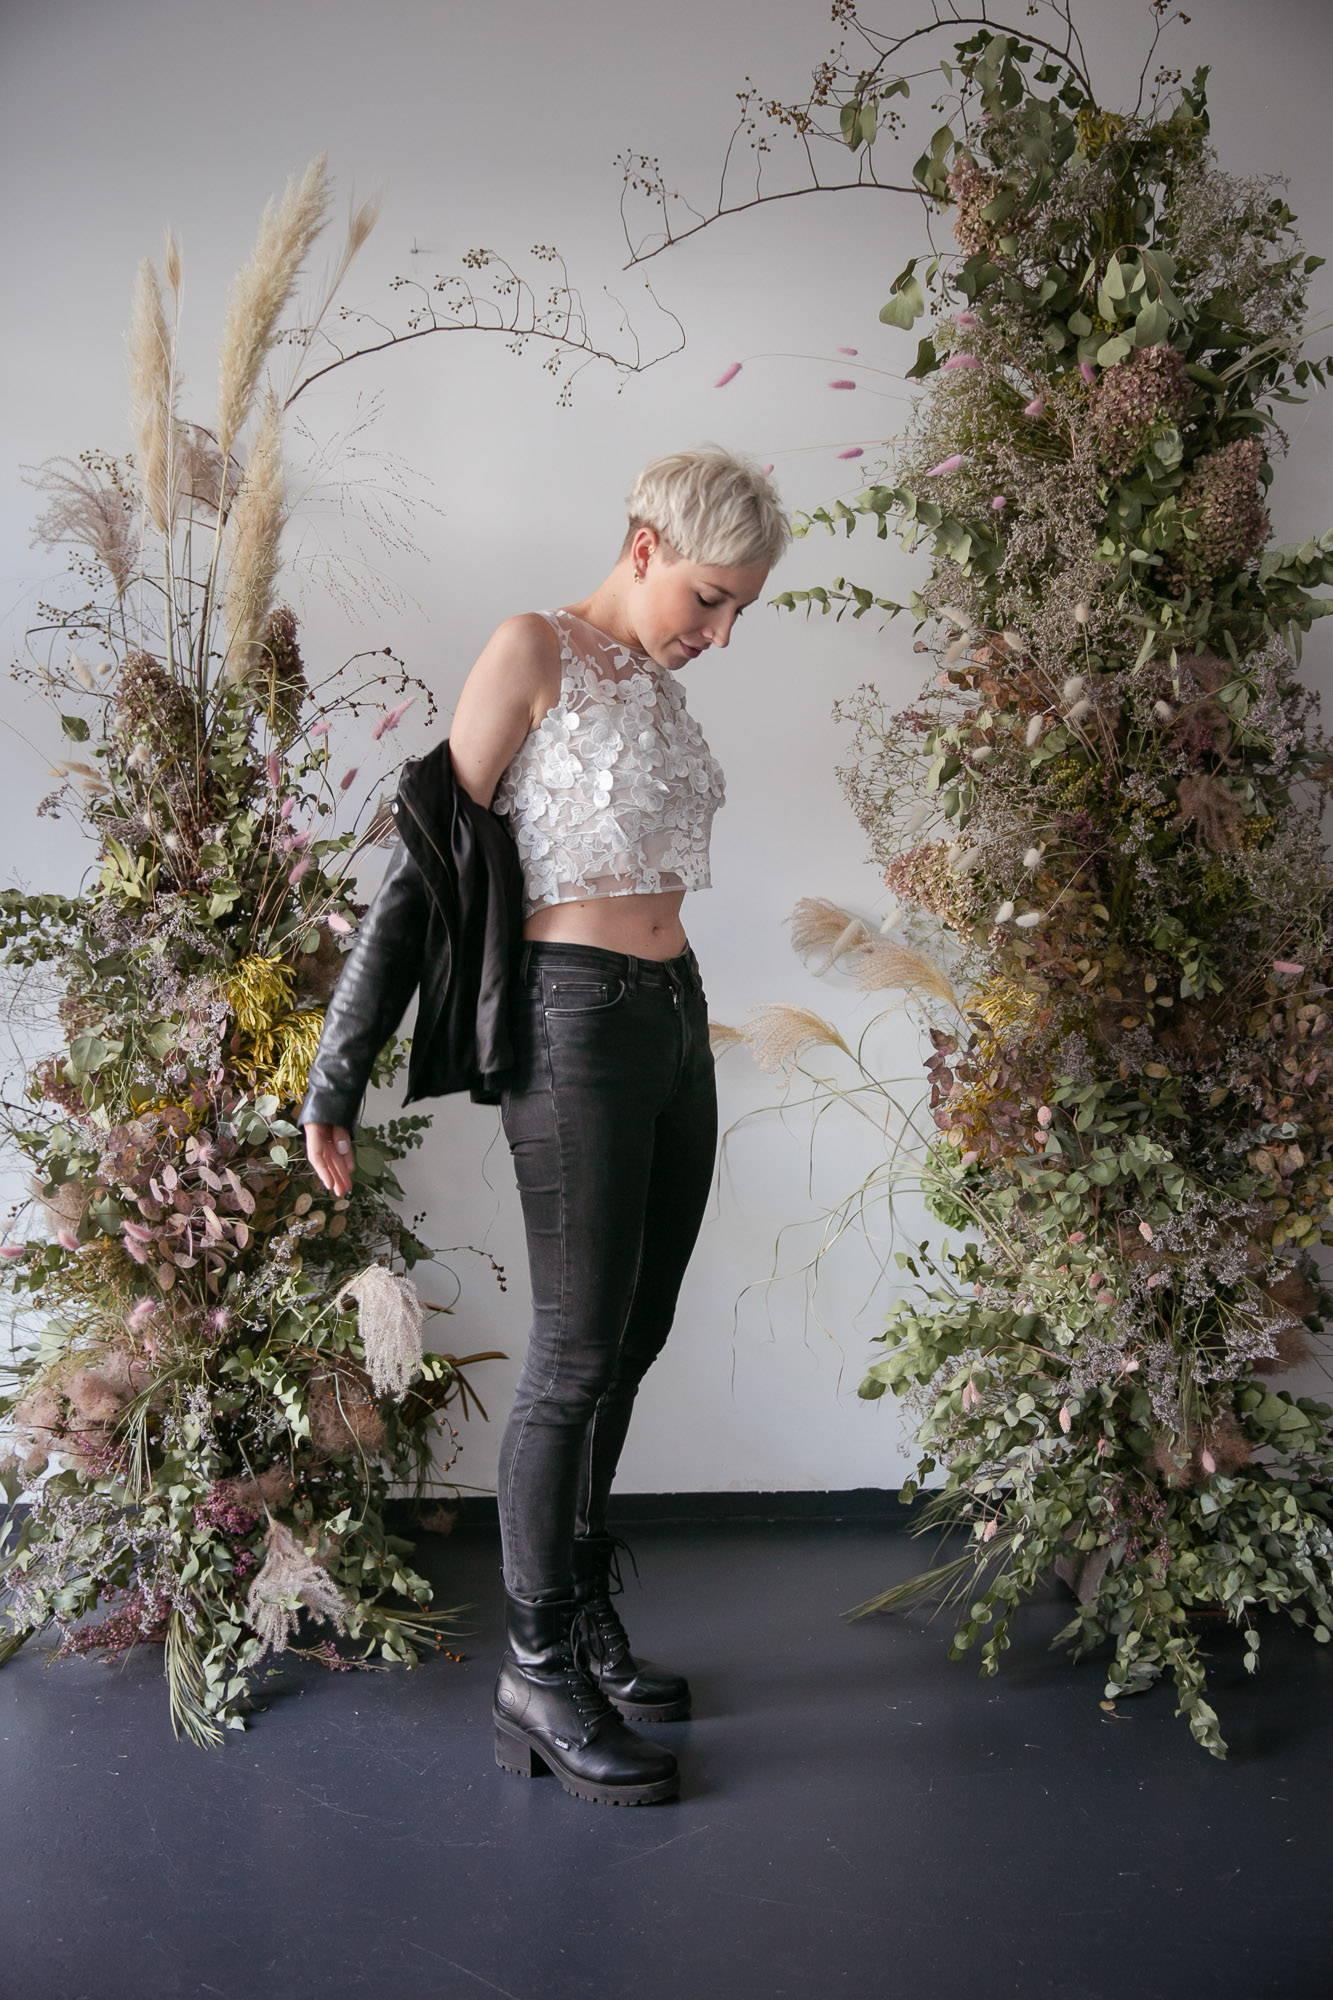 noni Brautmode, ärmelloses Brauttop Luna mit 3D-Blüten, kmbiniert mit Lederjacke und schwarzer Jeans